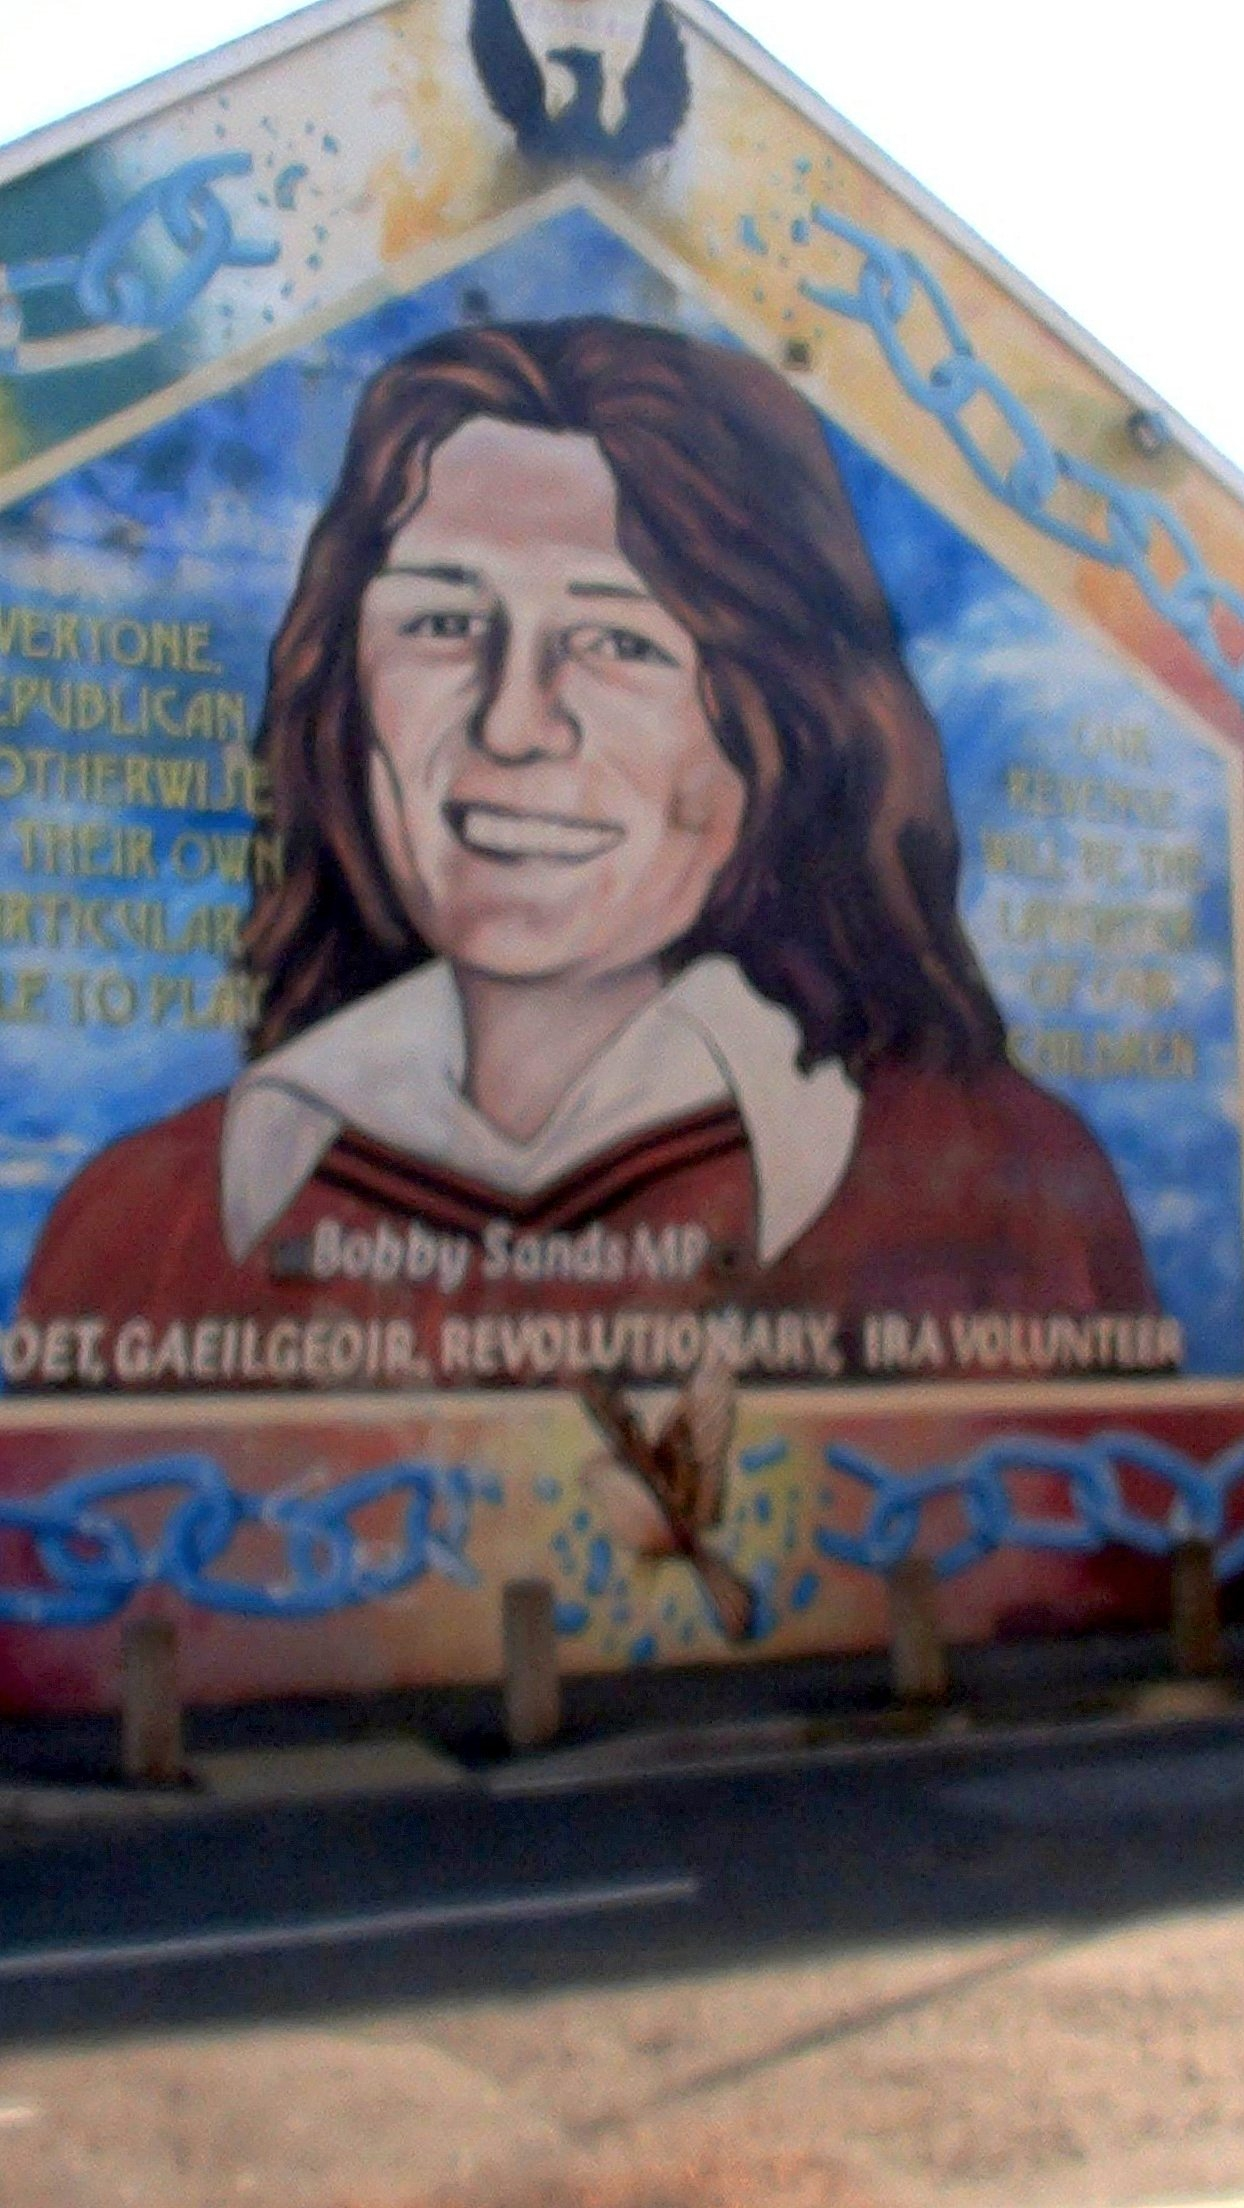 Murale di Bobby Sands, simbolo di Belfast